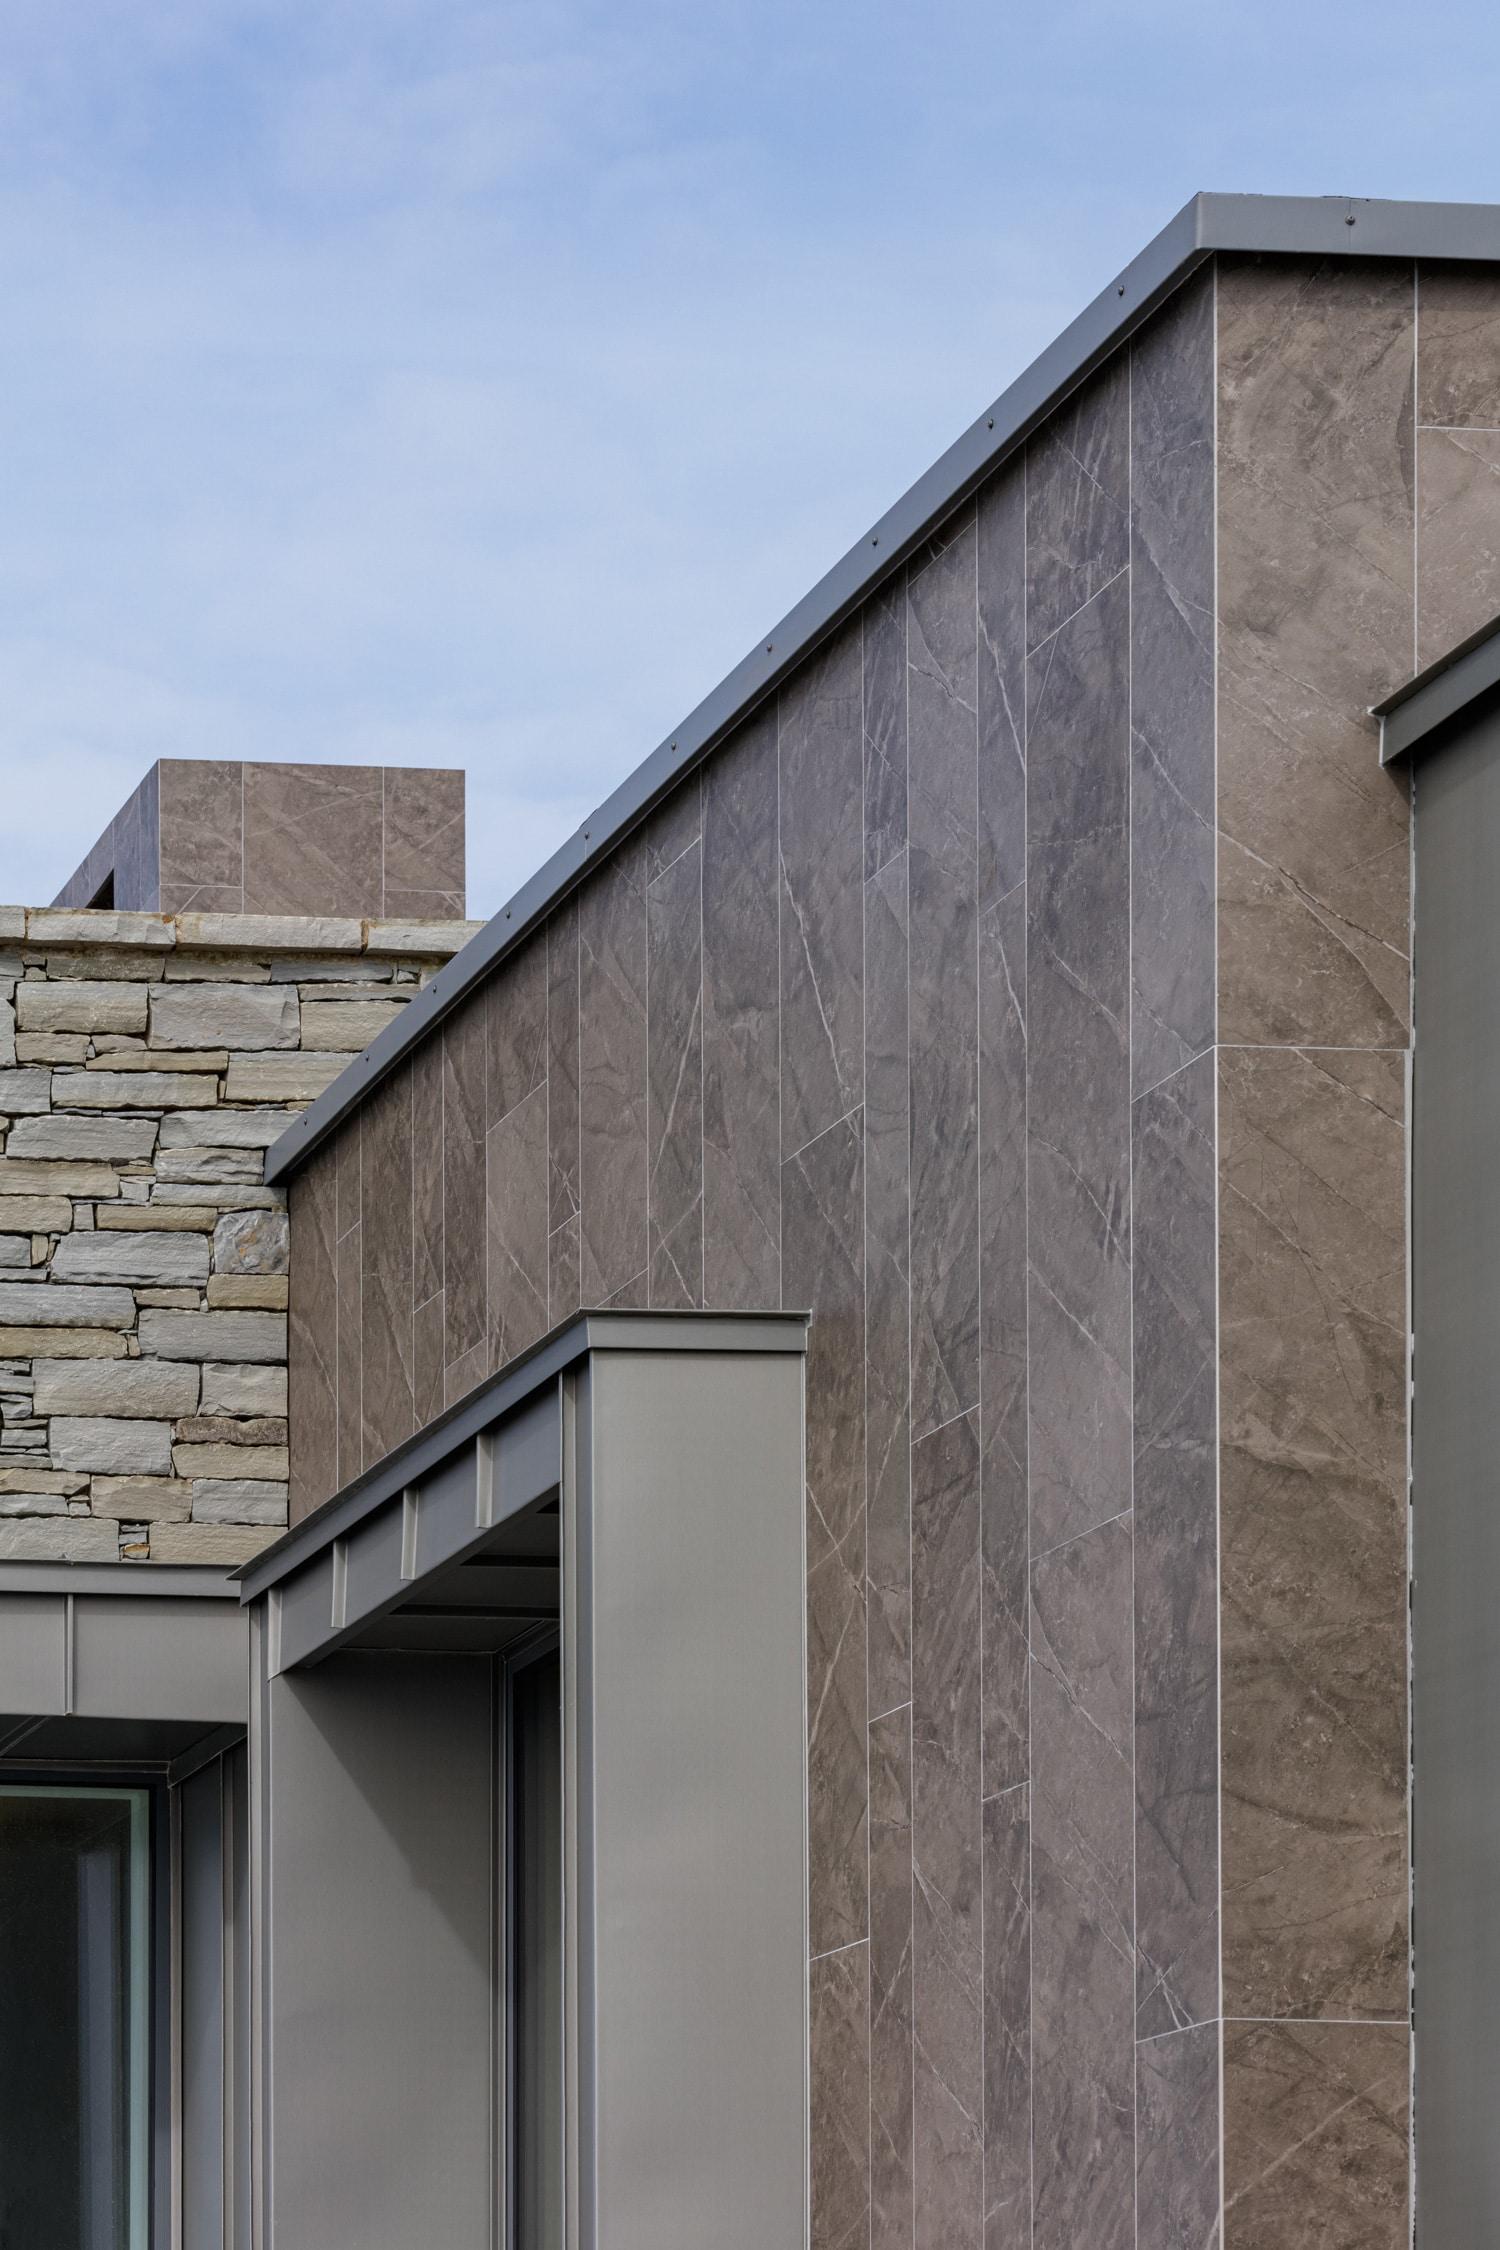 Cork Residential  - Cork residential facade 10 75